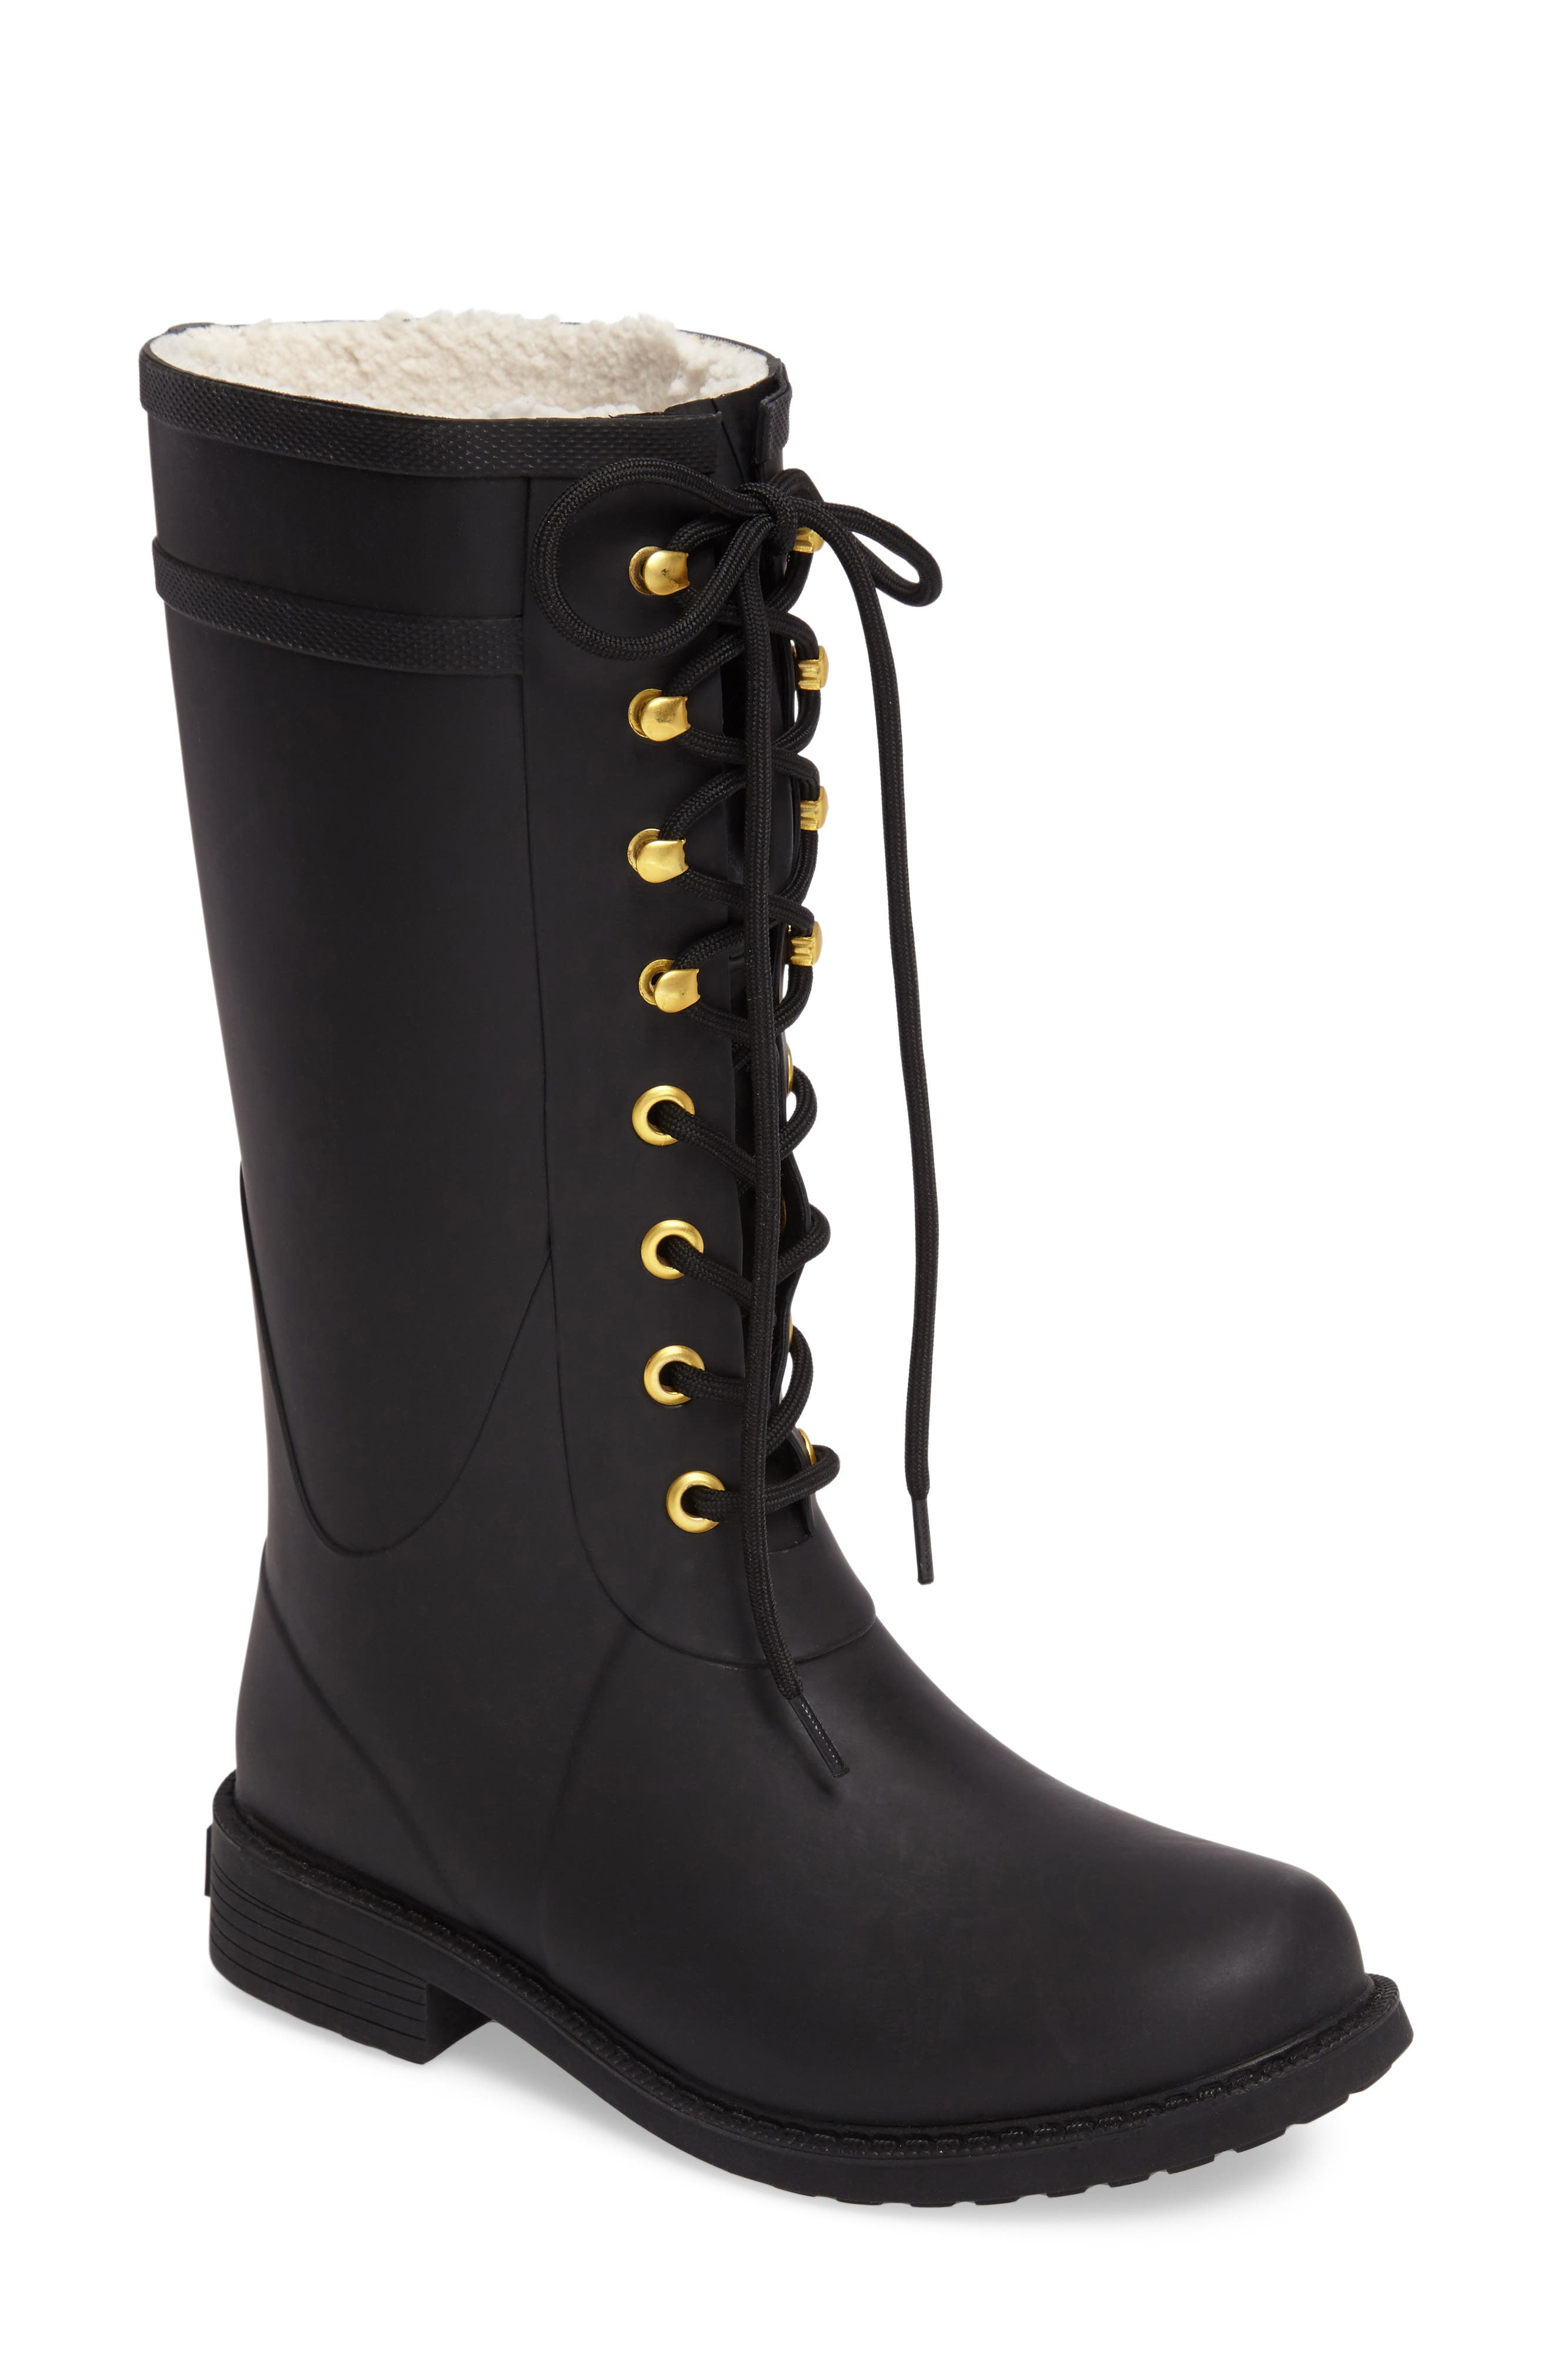 Kay Lace-Up Rain Boot,                         Main,                         color, 001